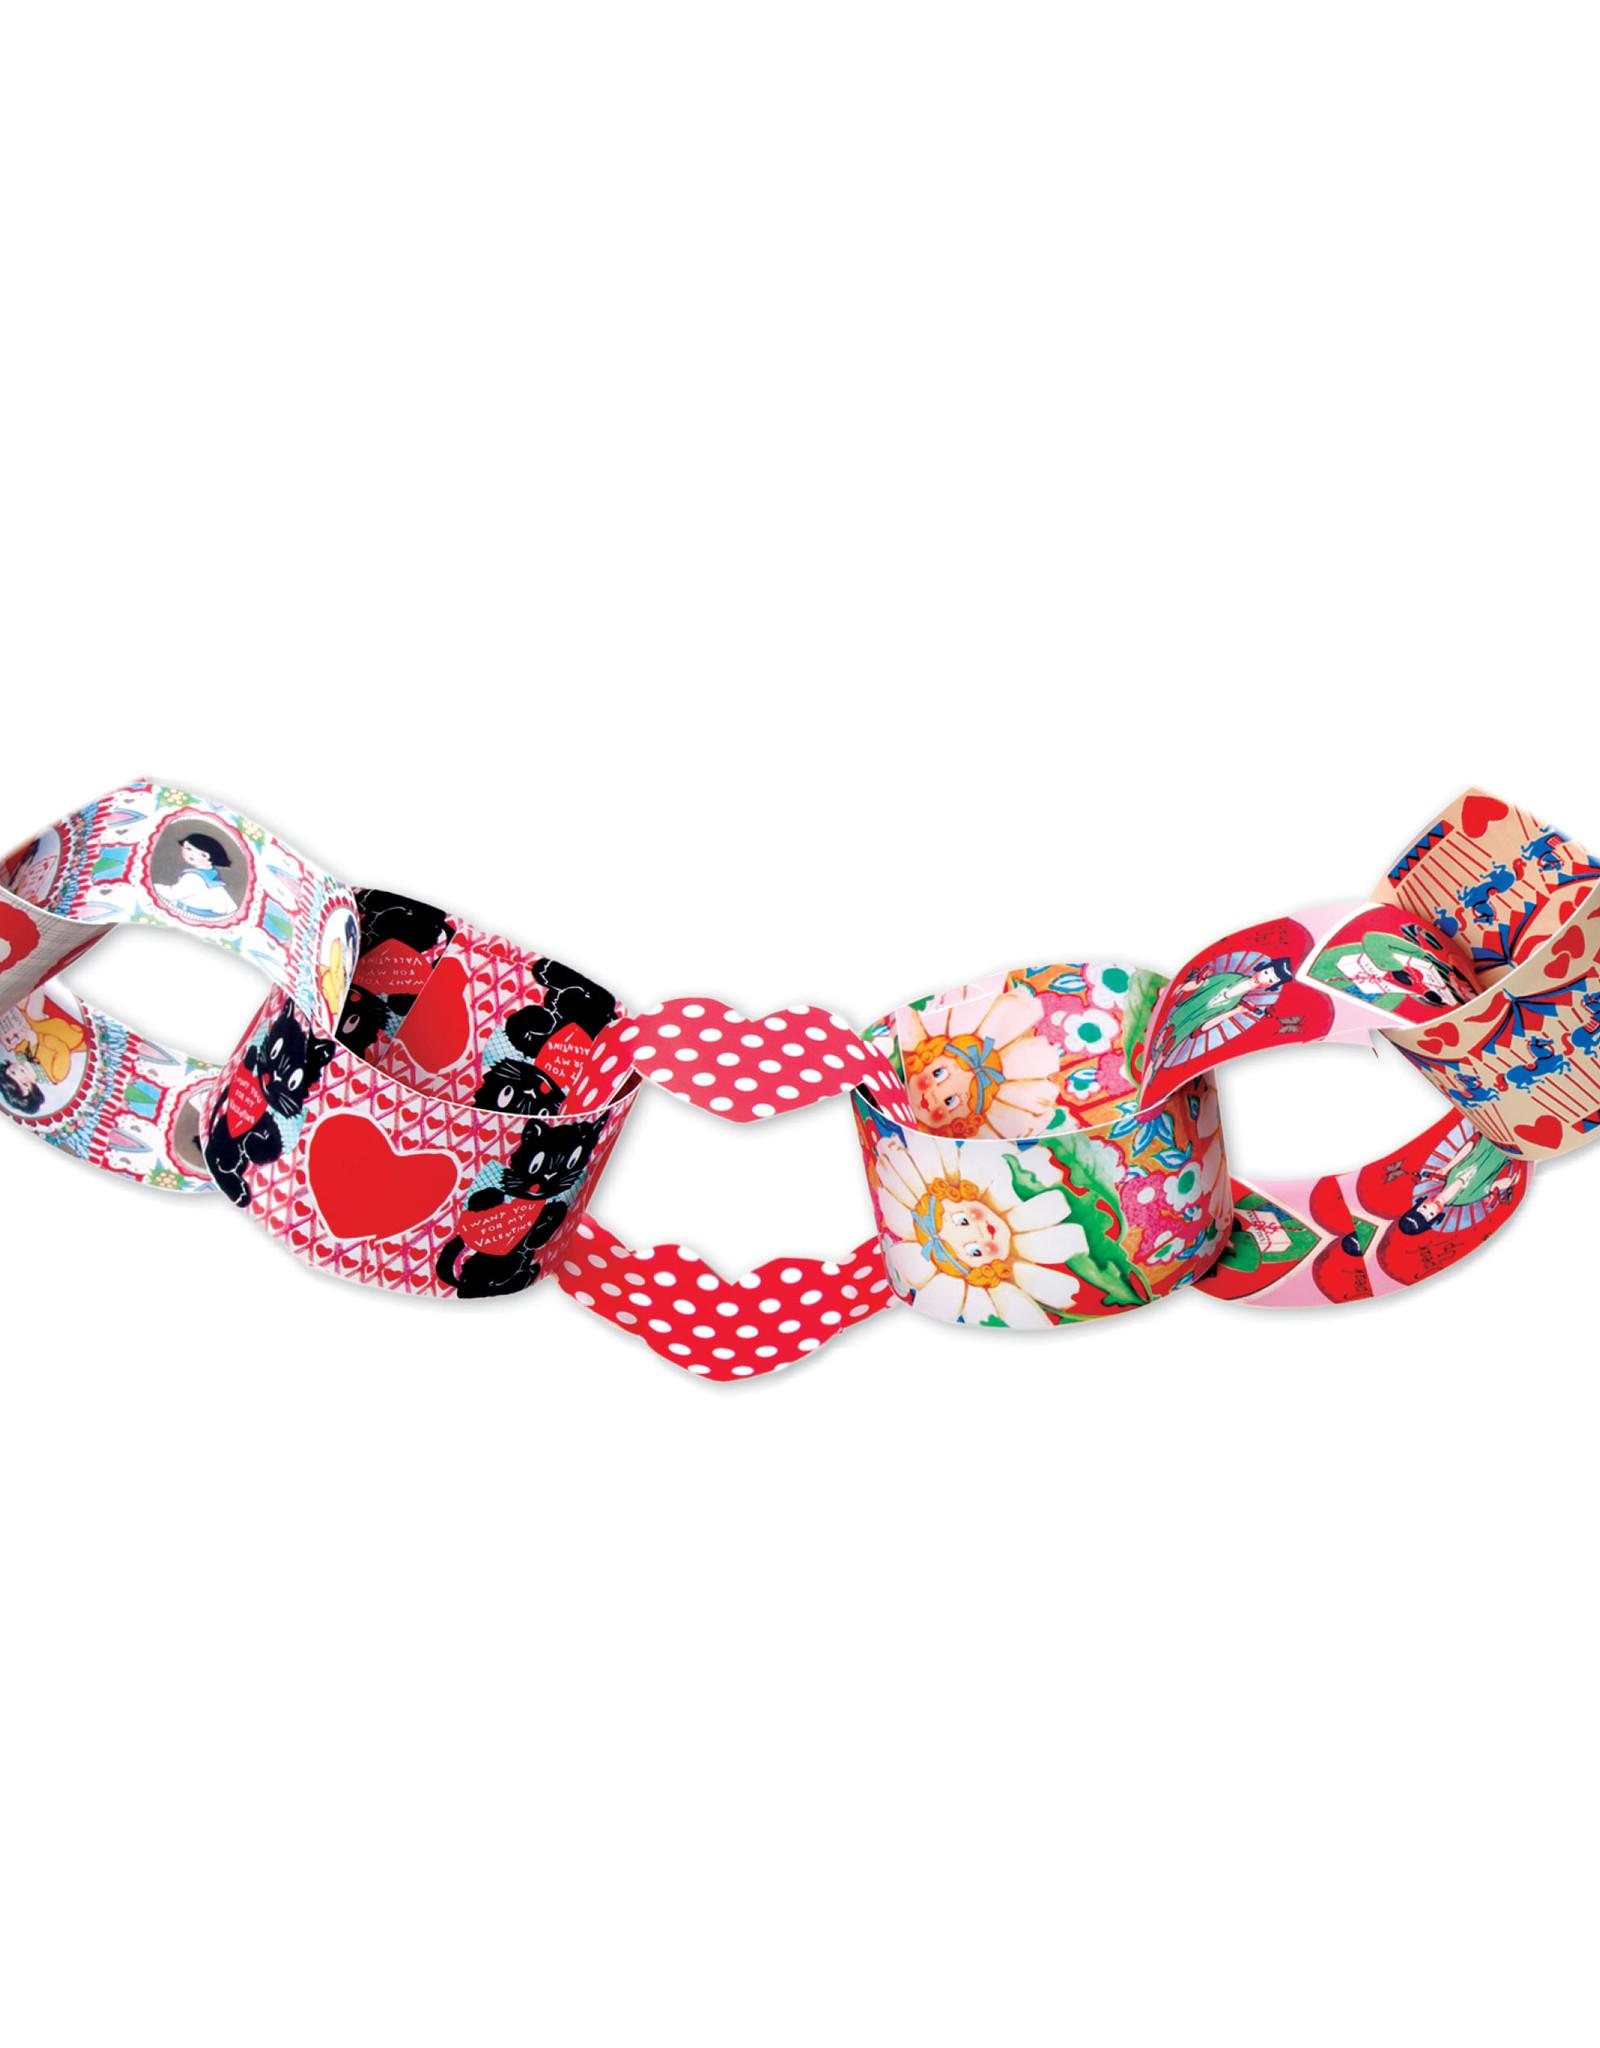 Eeboo Valentine Paper Chain